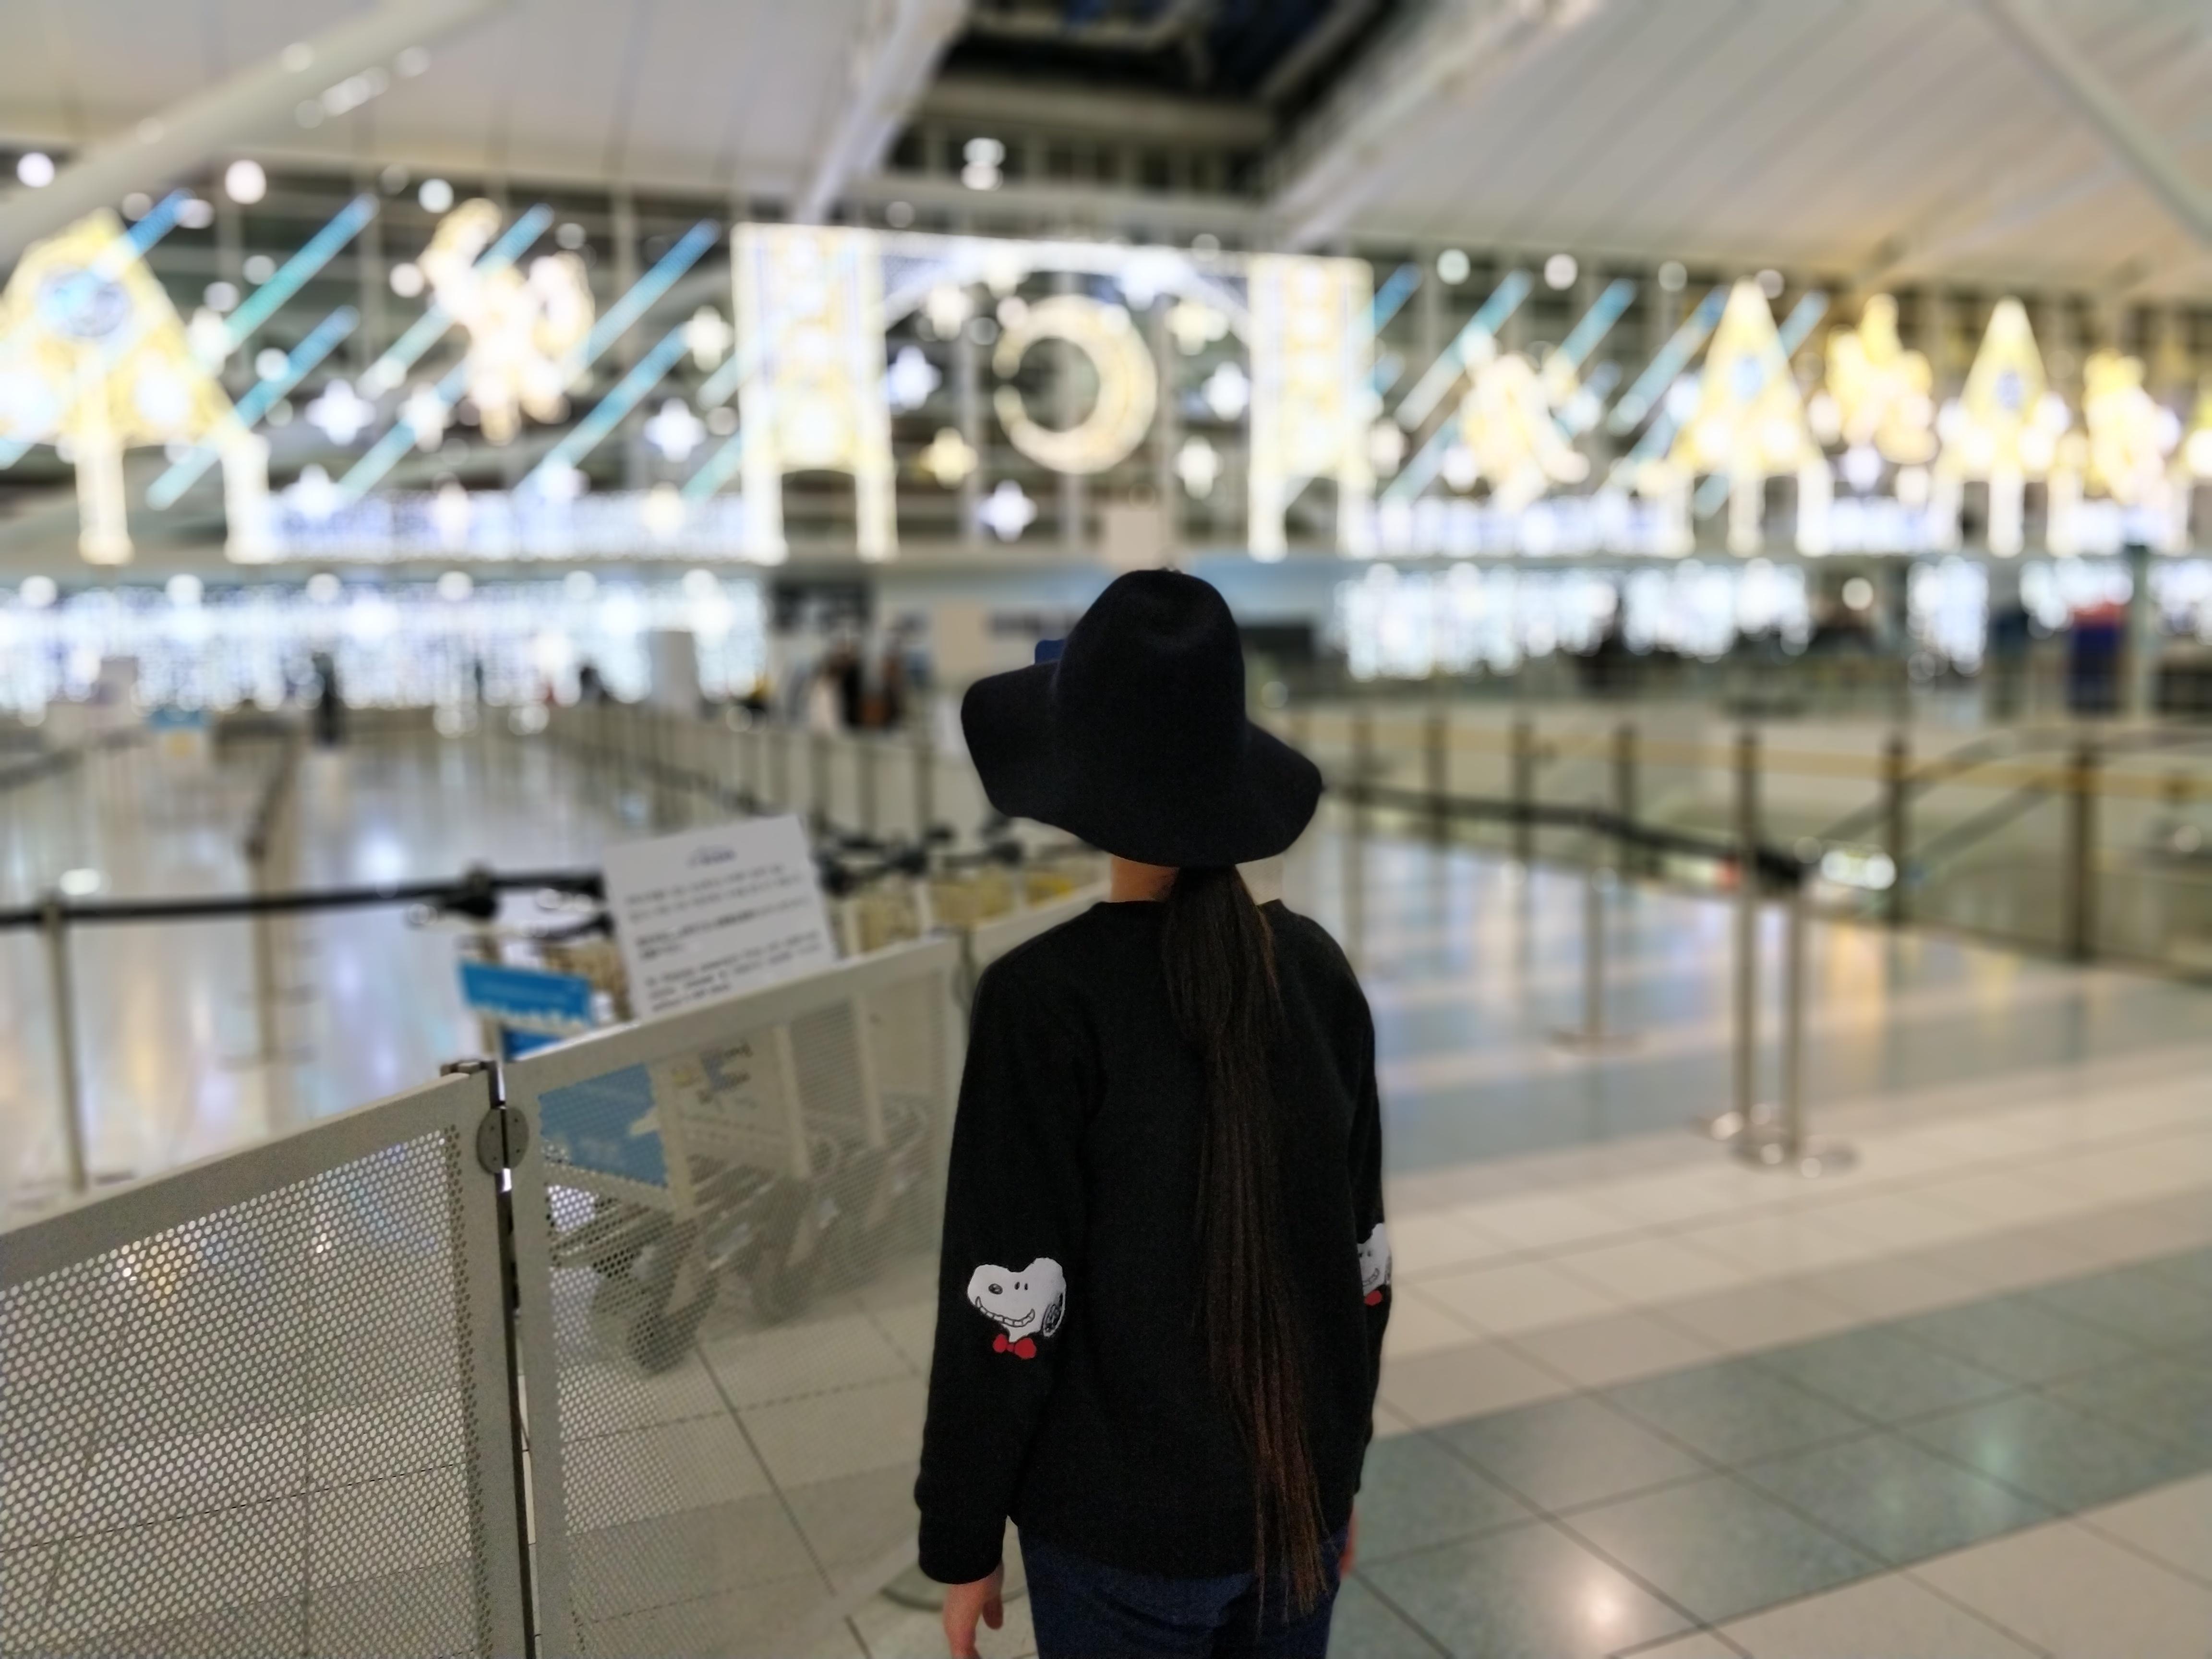 福岡国際空港 ボケ OnePlus 5T